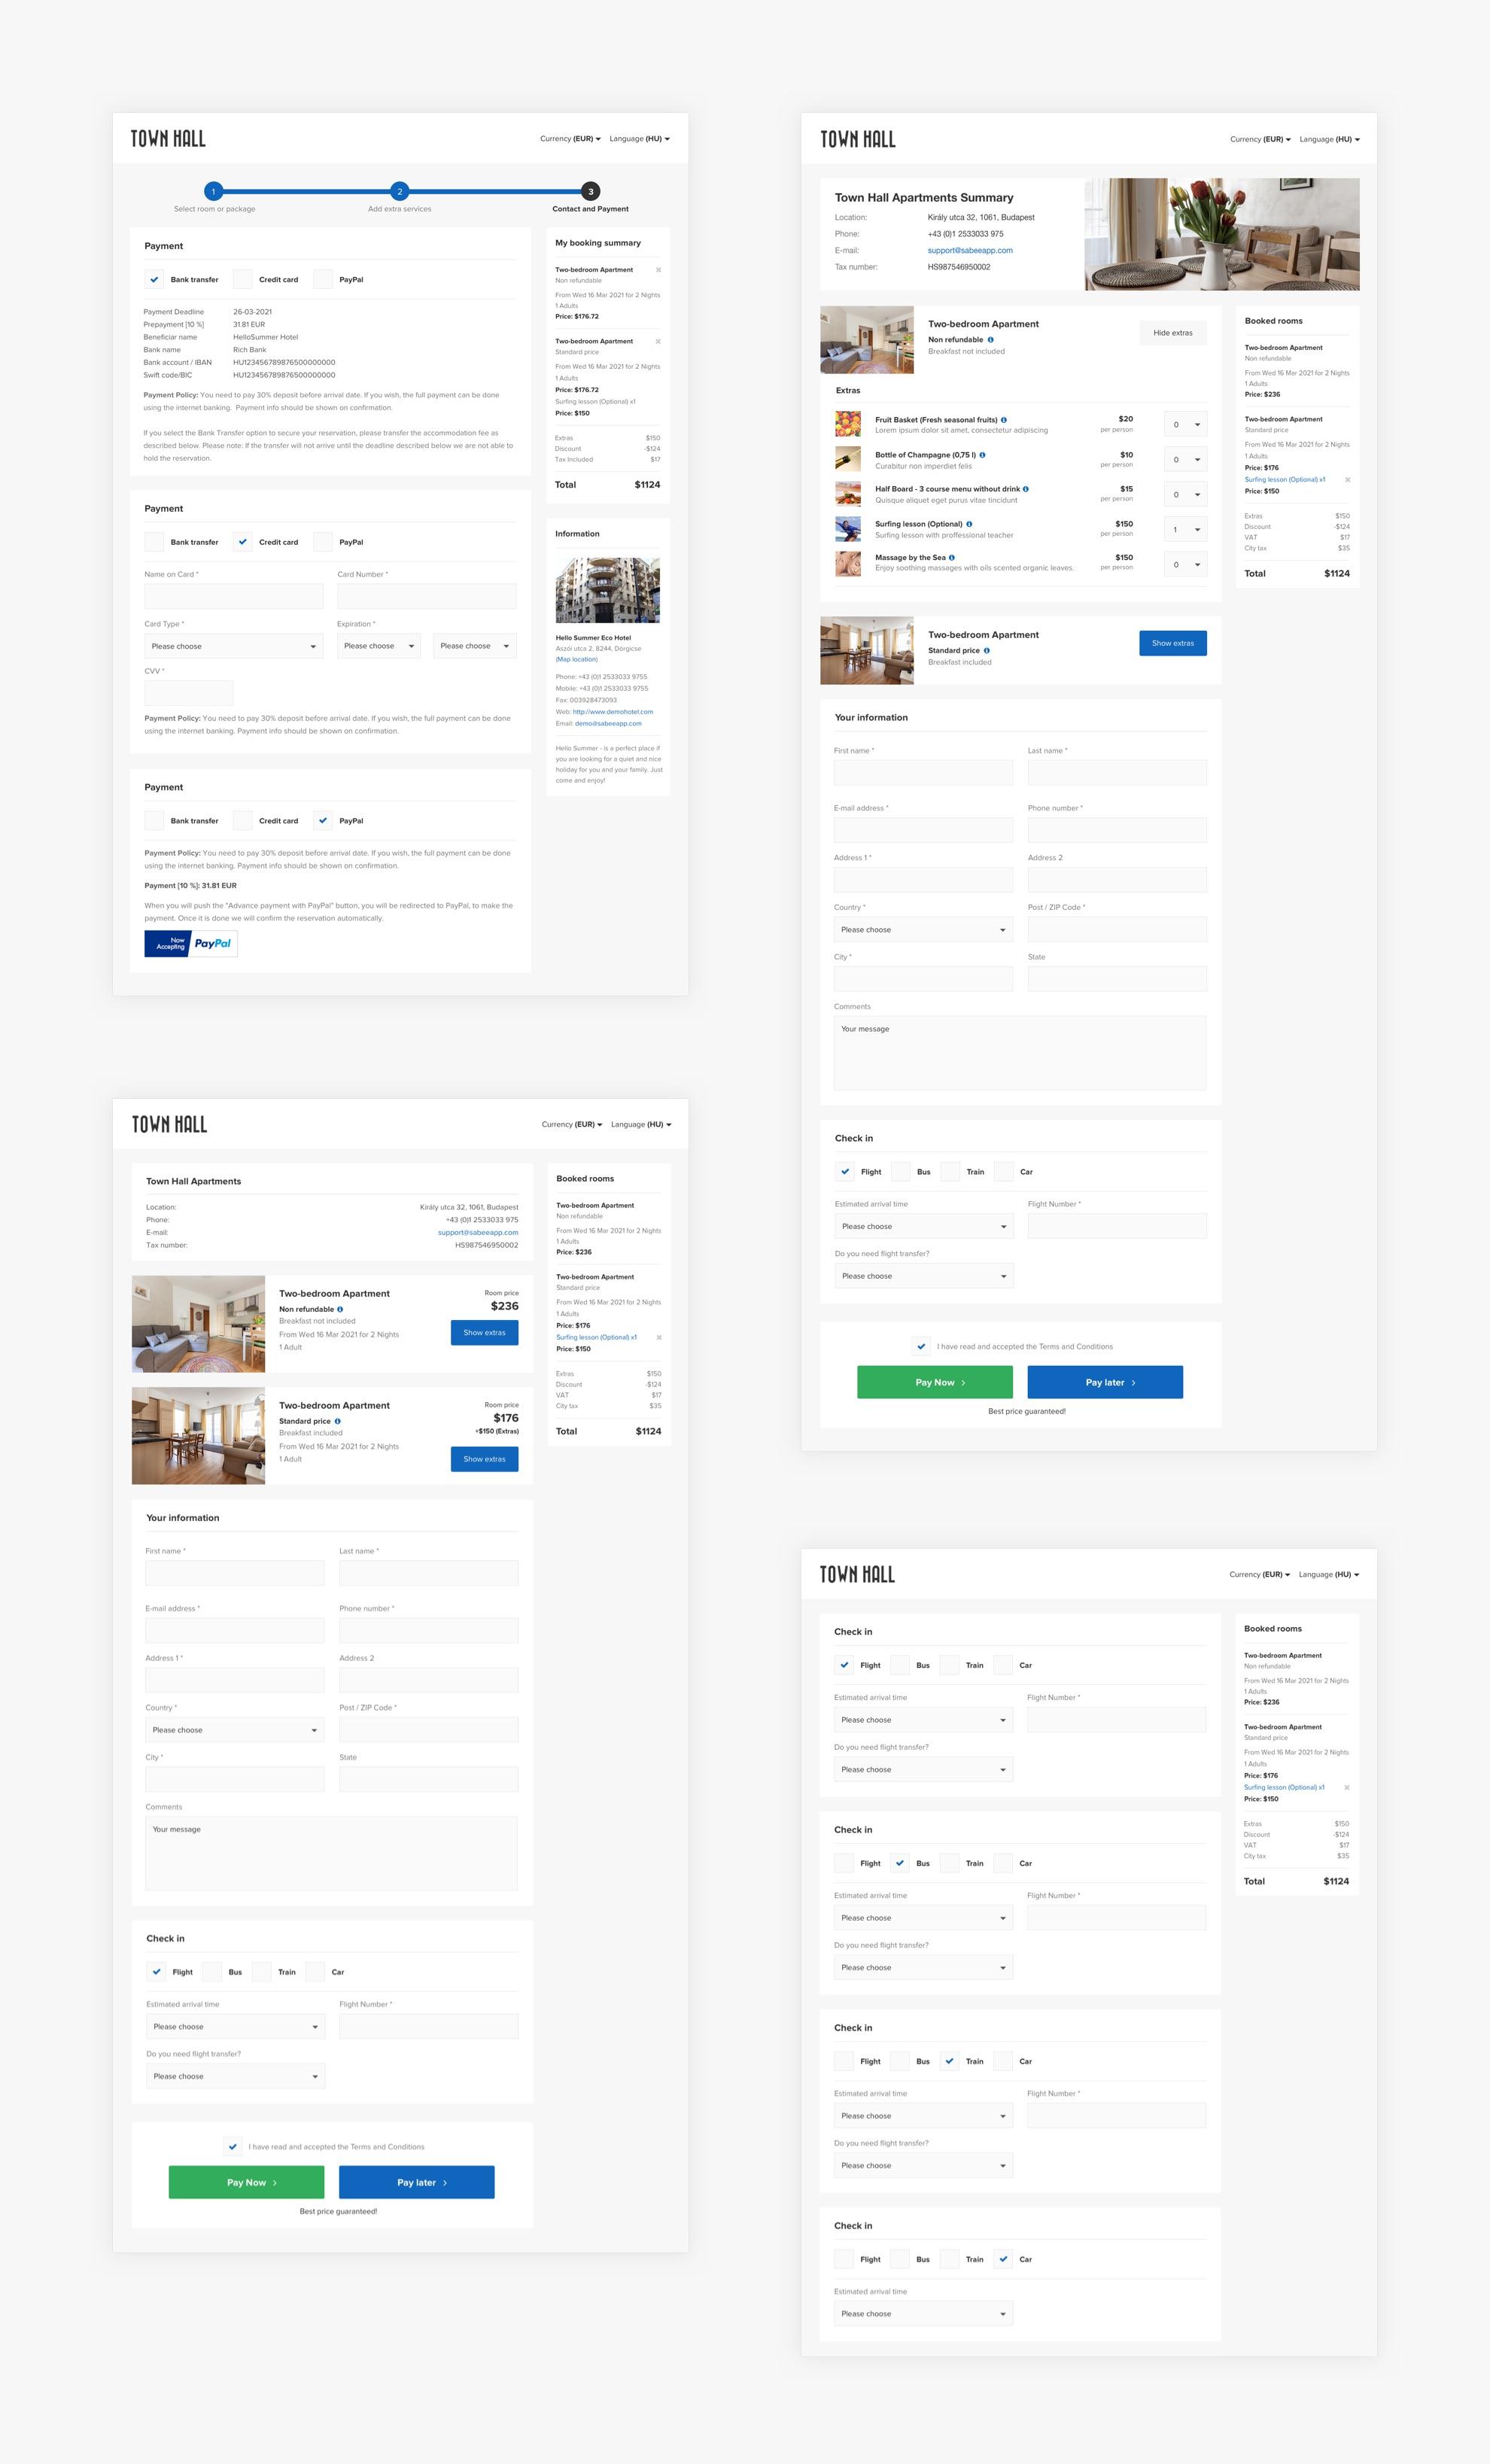 SabeeApp - Reszponzív webalkalmazás - Üzleti reszponzív webalkalmazás tervezés